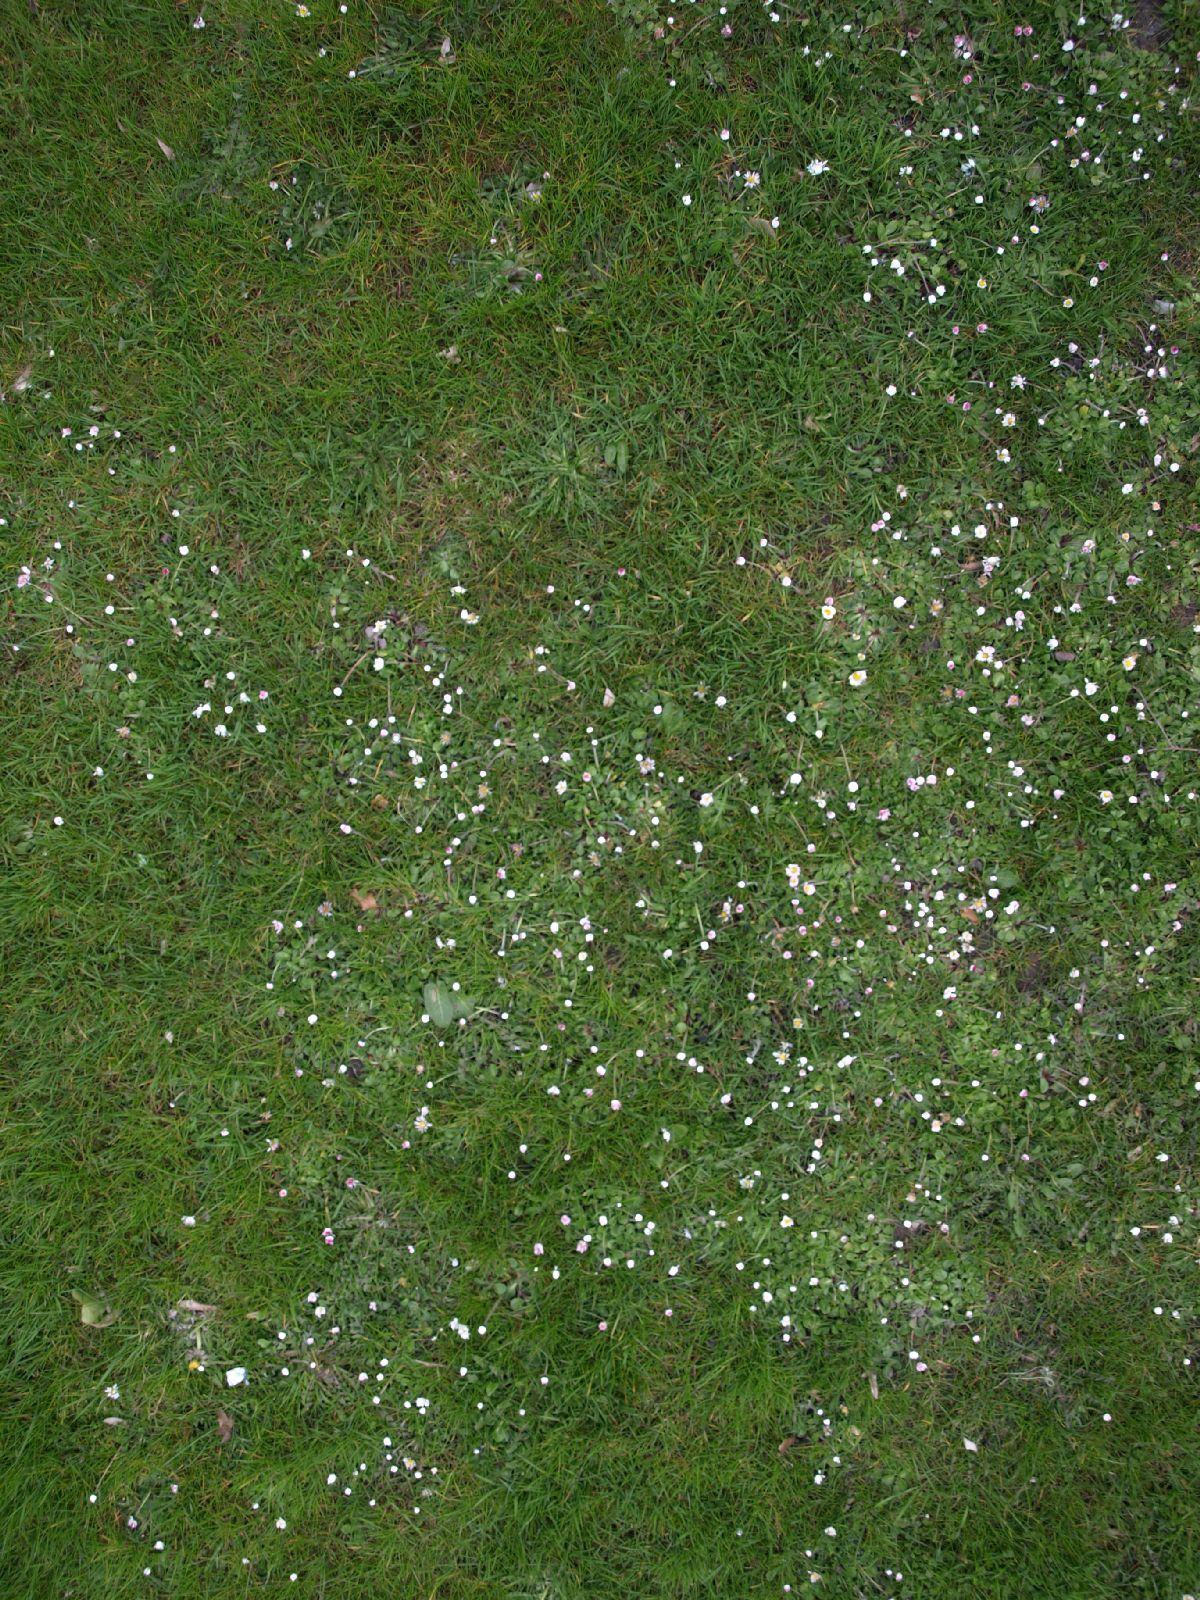 Boden-Gras-Moos-Blumen_Textur_A_P4120974